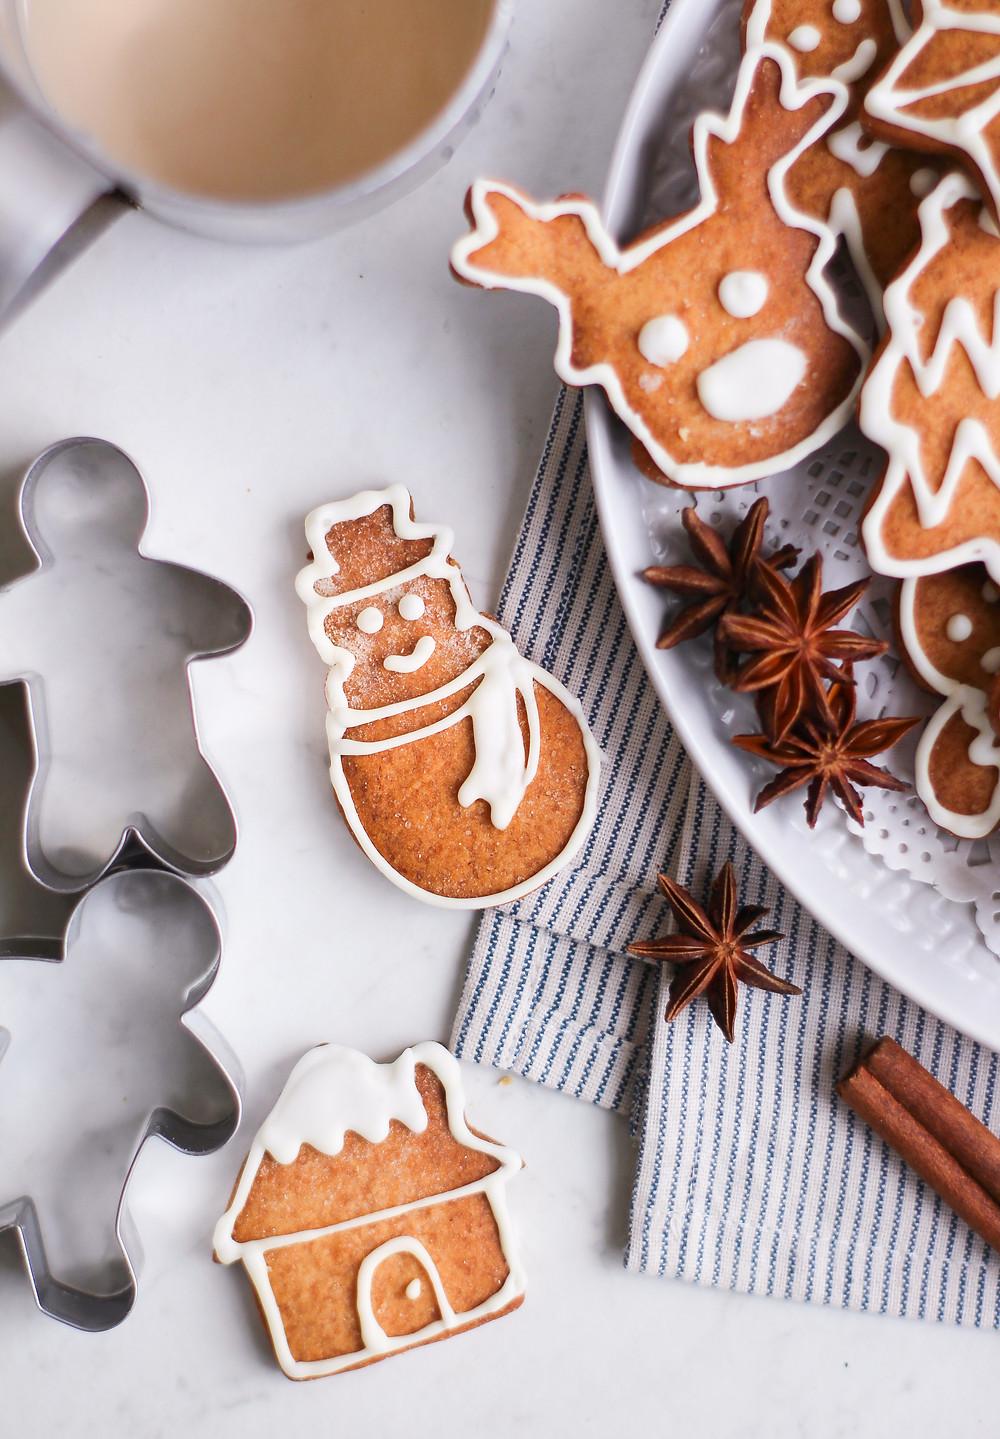 ricetta biscotti allo zenzero natale gingerbread cookies burro light